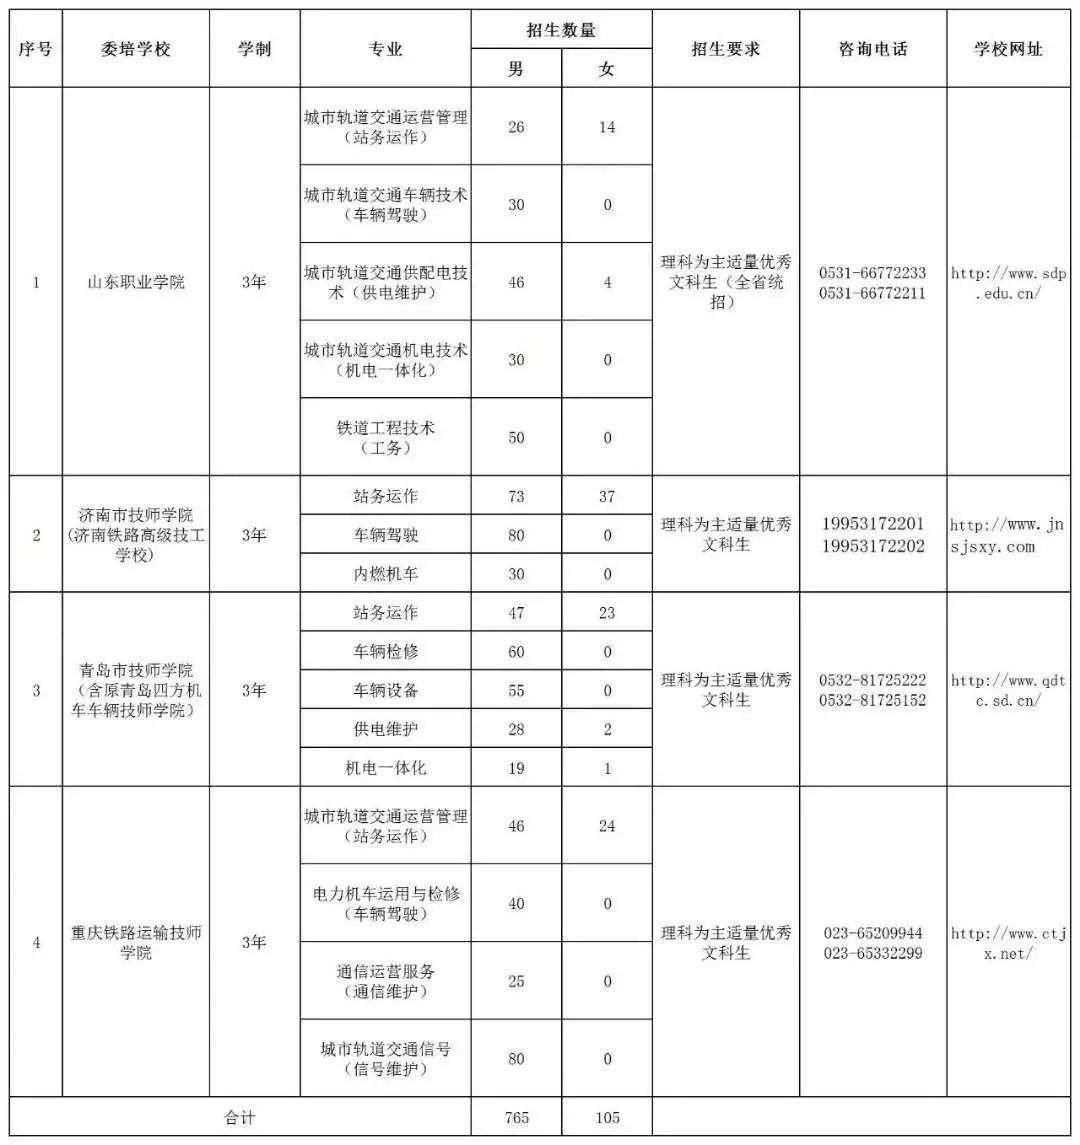 开始报名!青岛地铁2019年运营委培招生报名须知_驾校集体涨价垄断